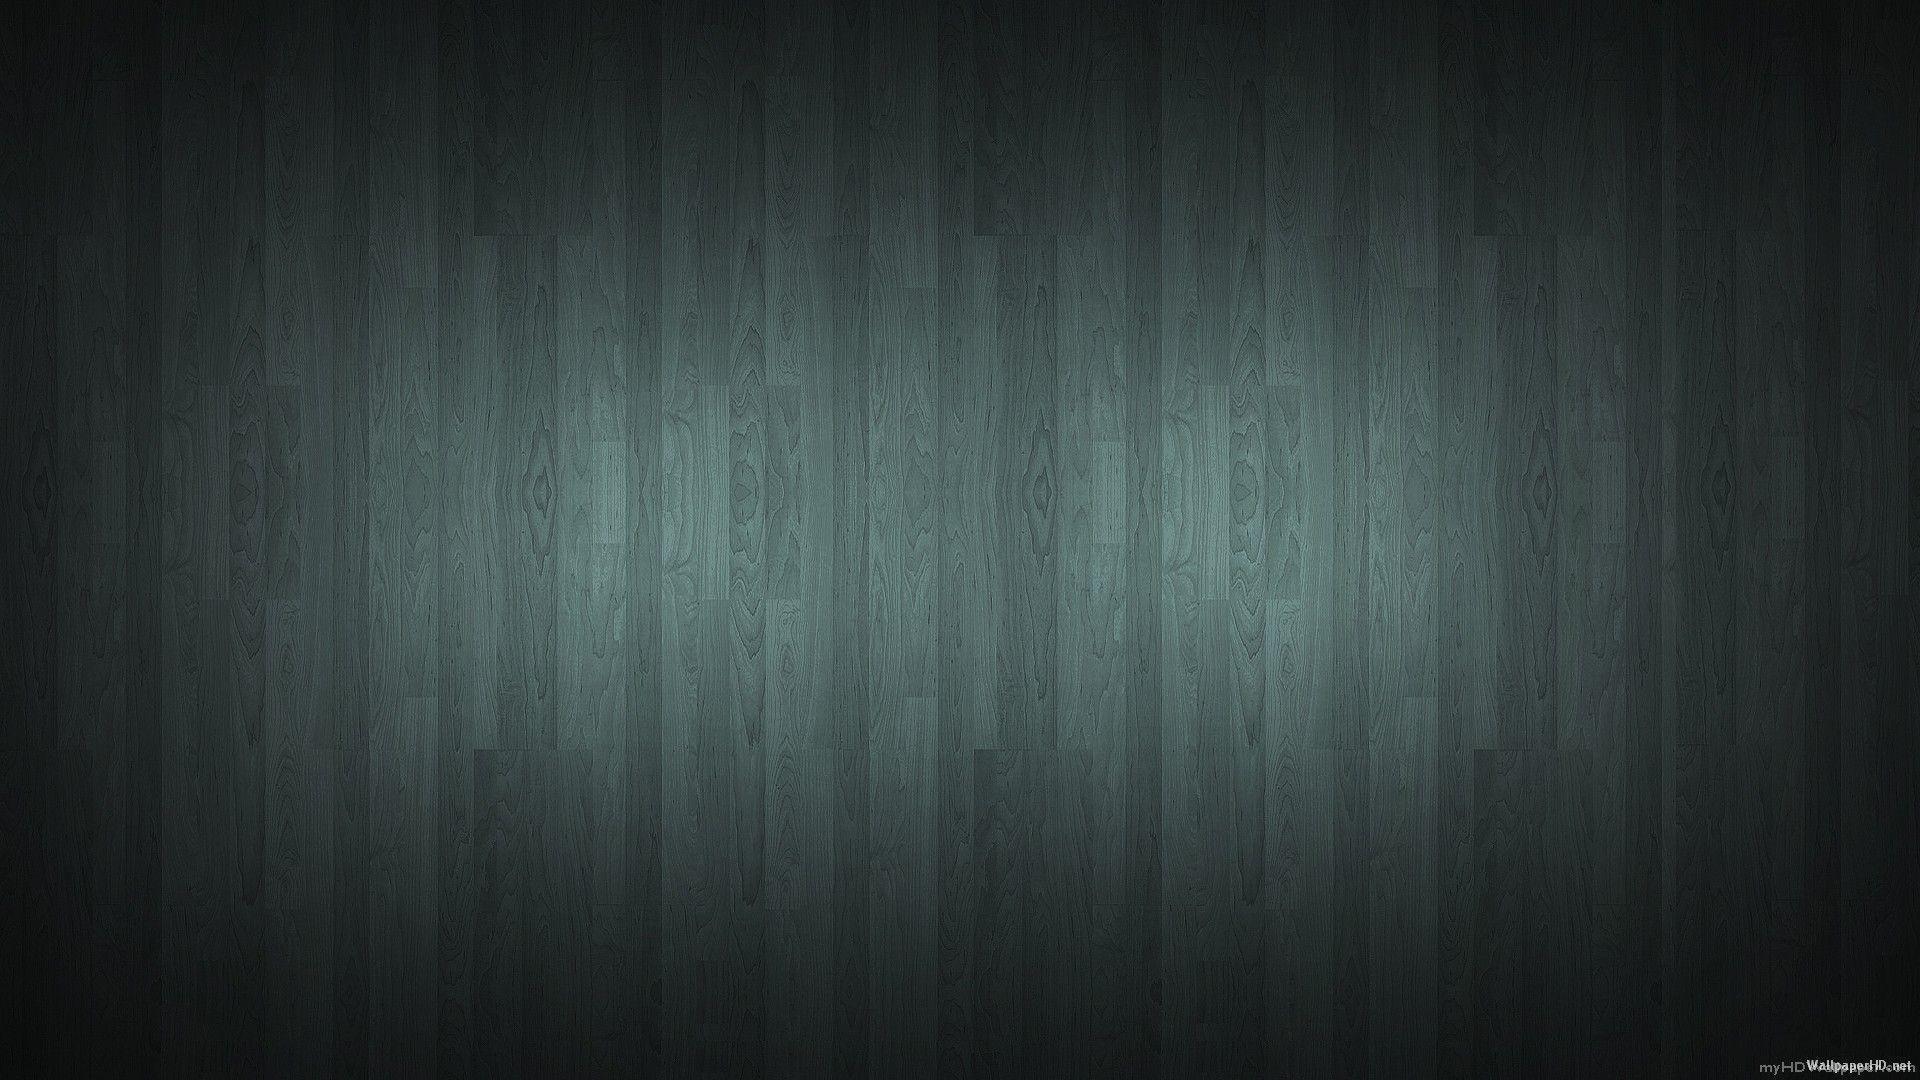 NVIDIA Wallpapers 1080p - WallpaperSafari